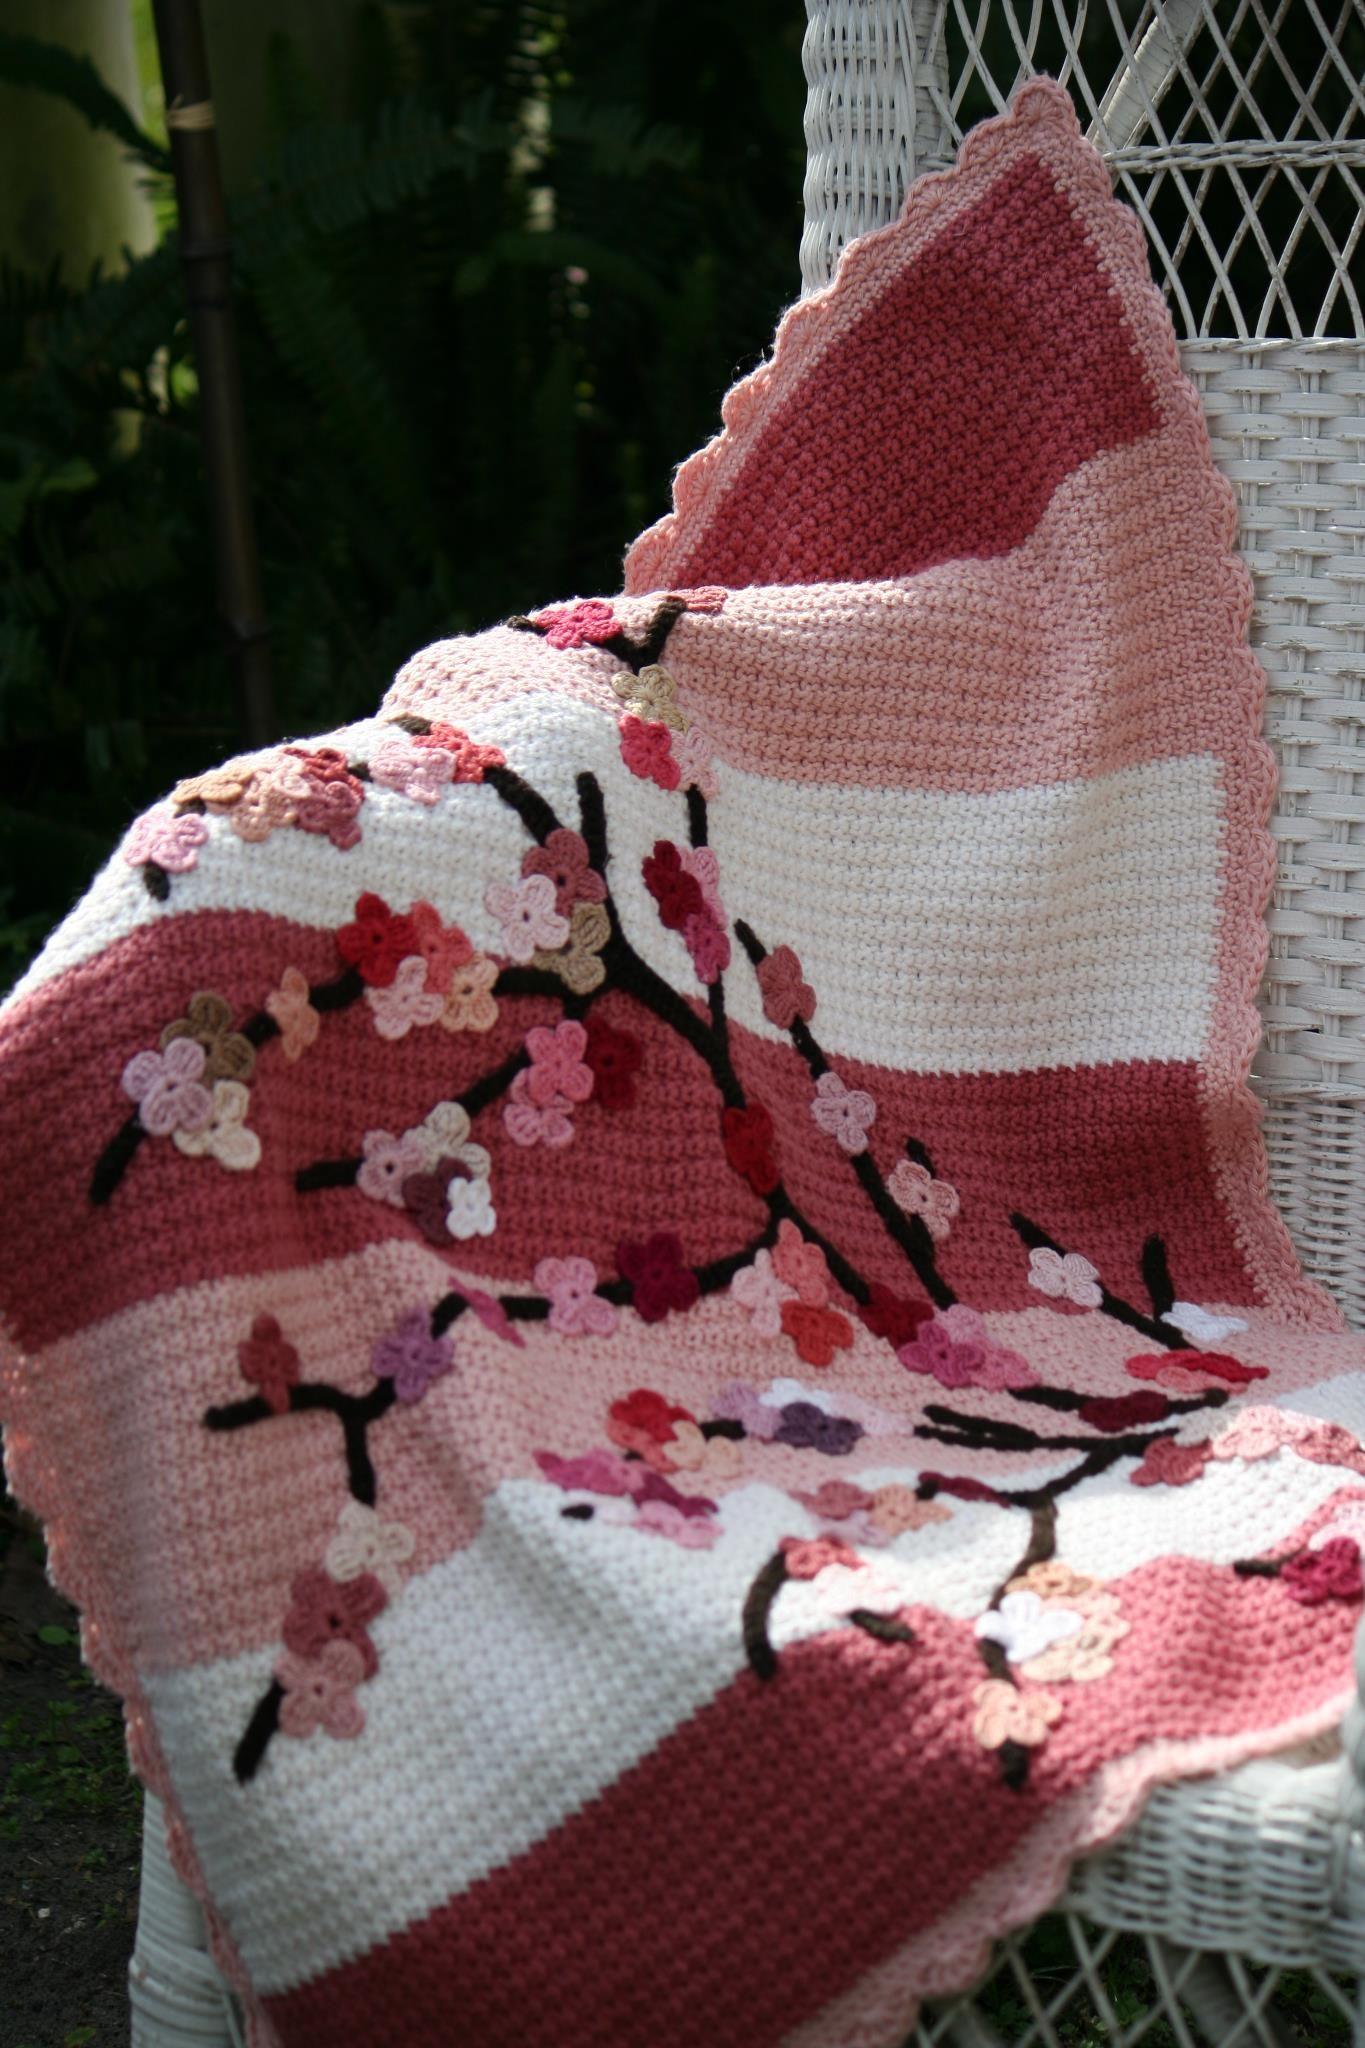 Baby Boy Crochet Blanket | Crochet Cherry Blossom Baby Blanket ...